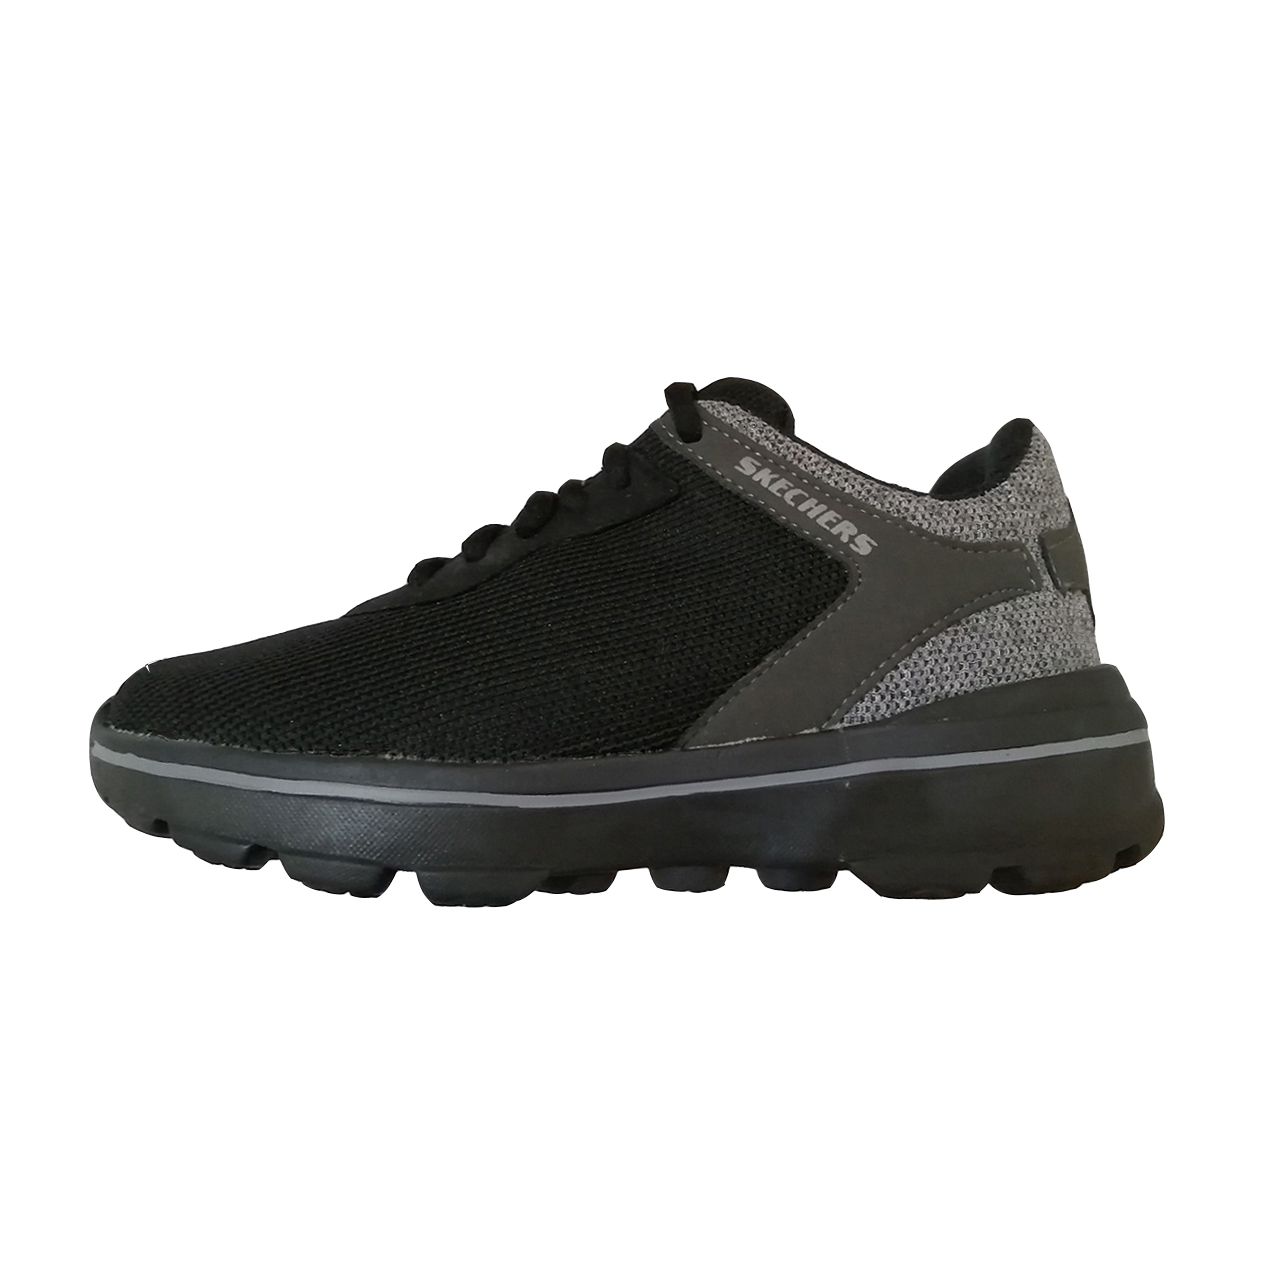 کفش راحتی زنانه کد RB-001 رنگ مشکی